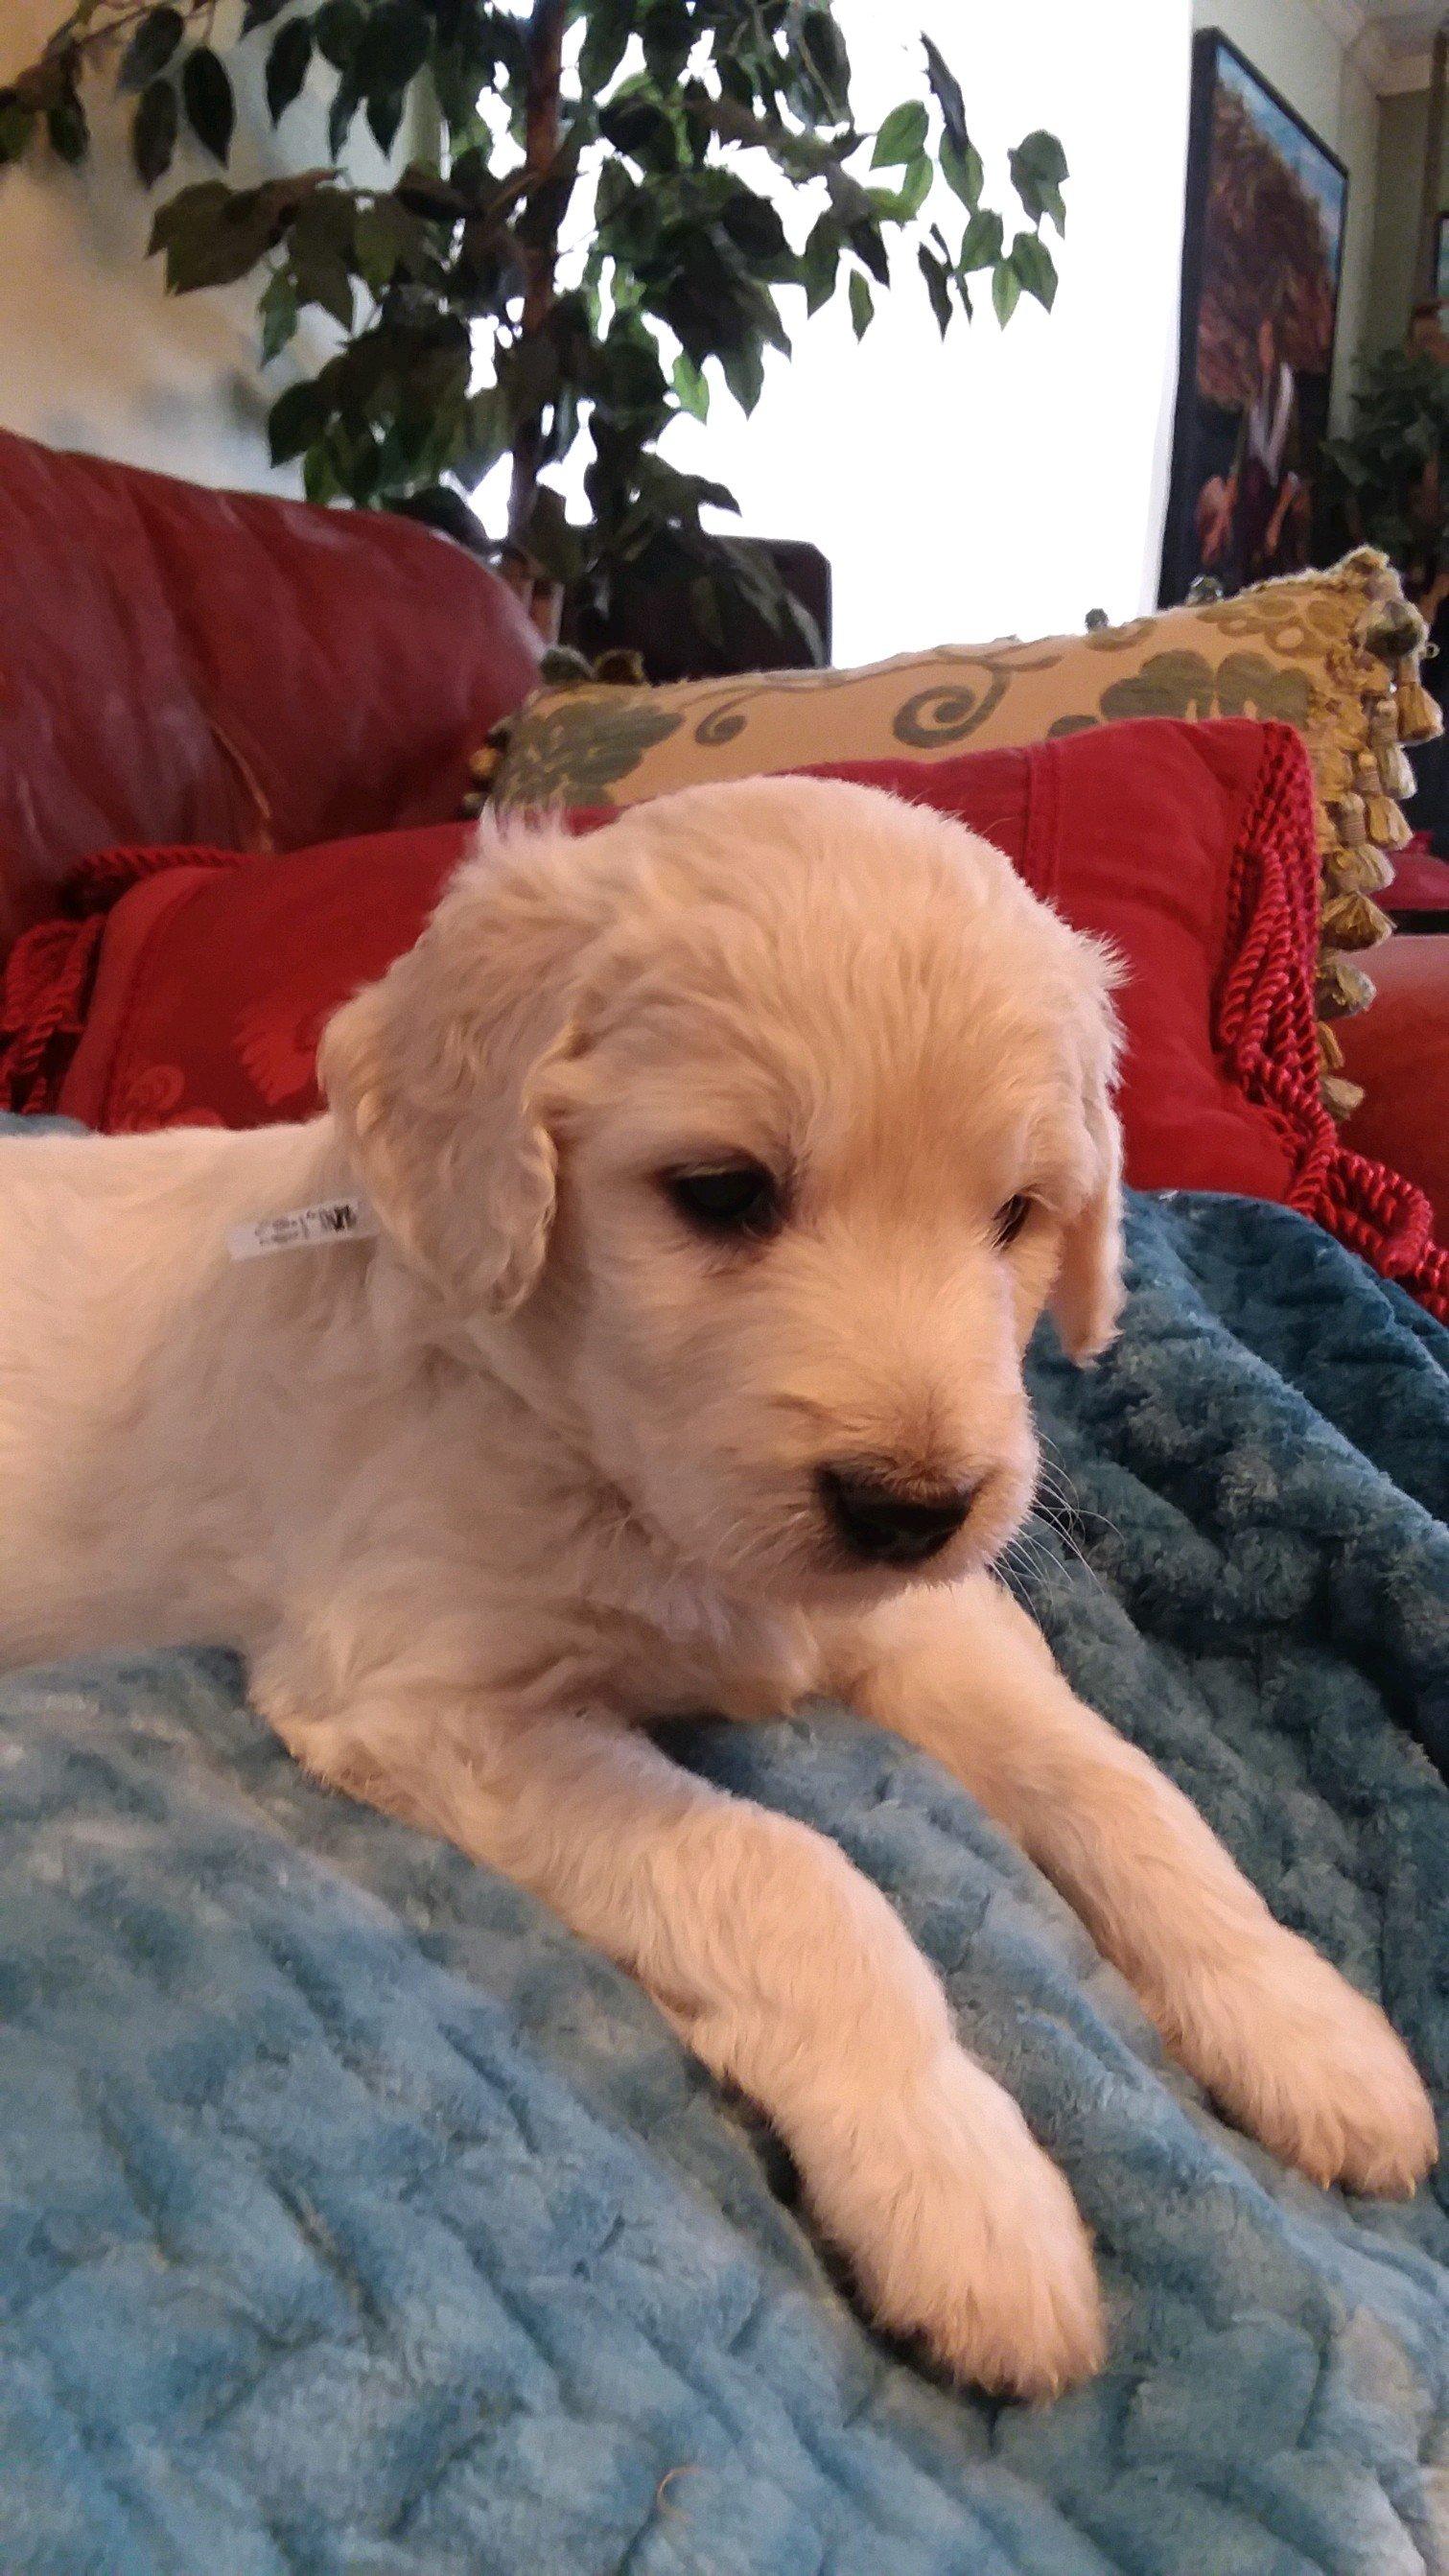 Magnum - CKC Goldendoodle puppy for sale in Pelzer, SC | VIP Puppies